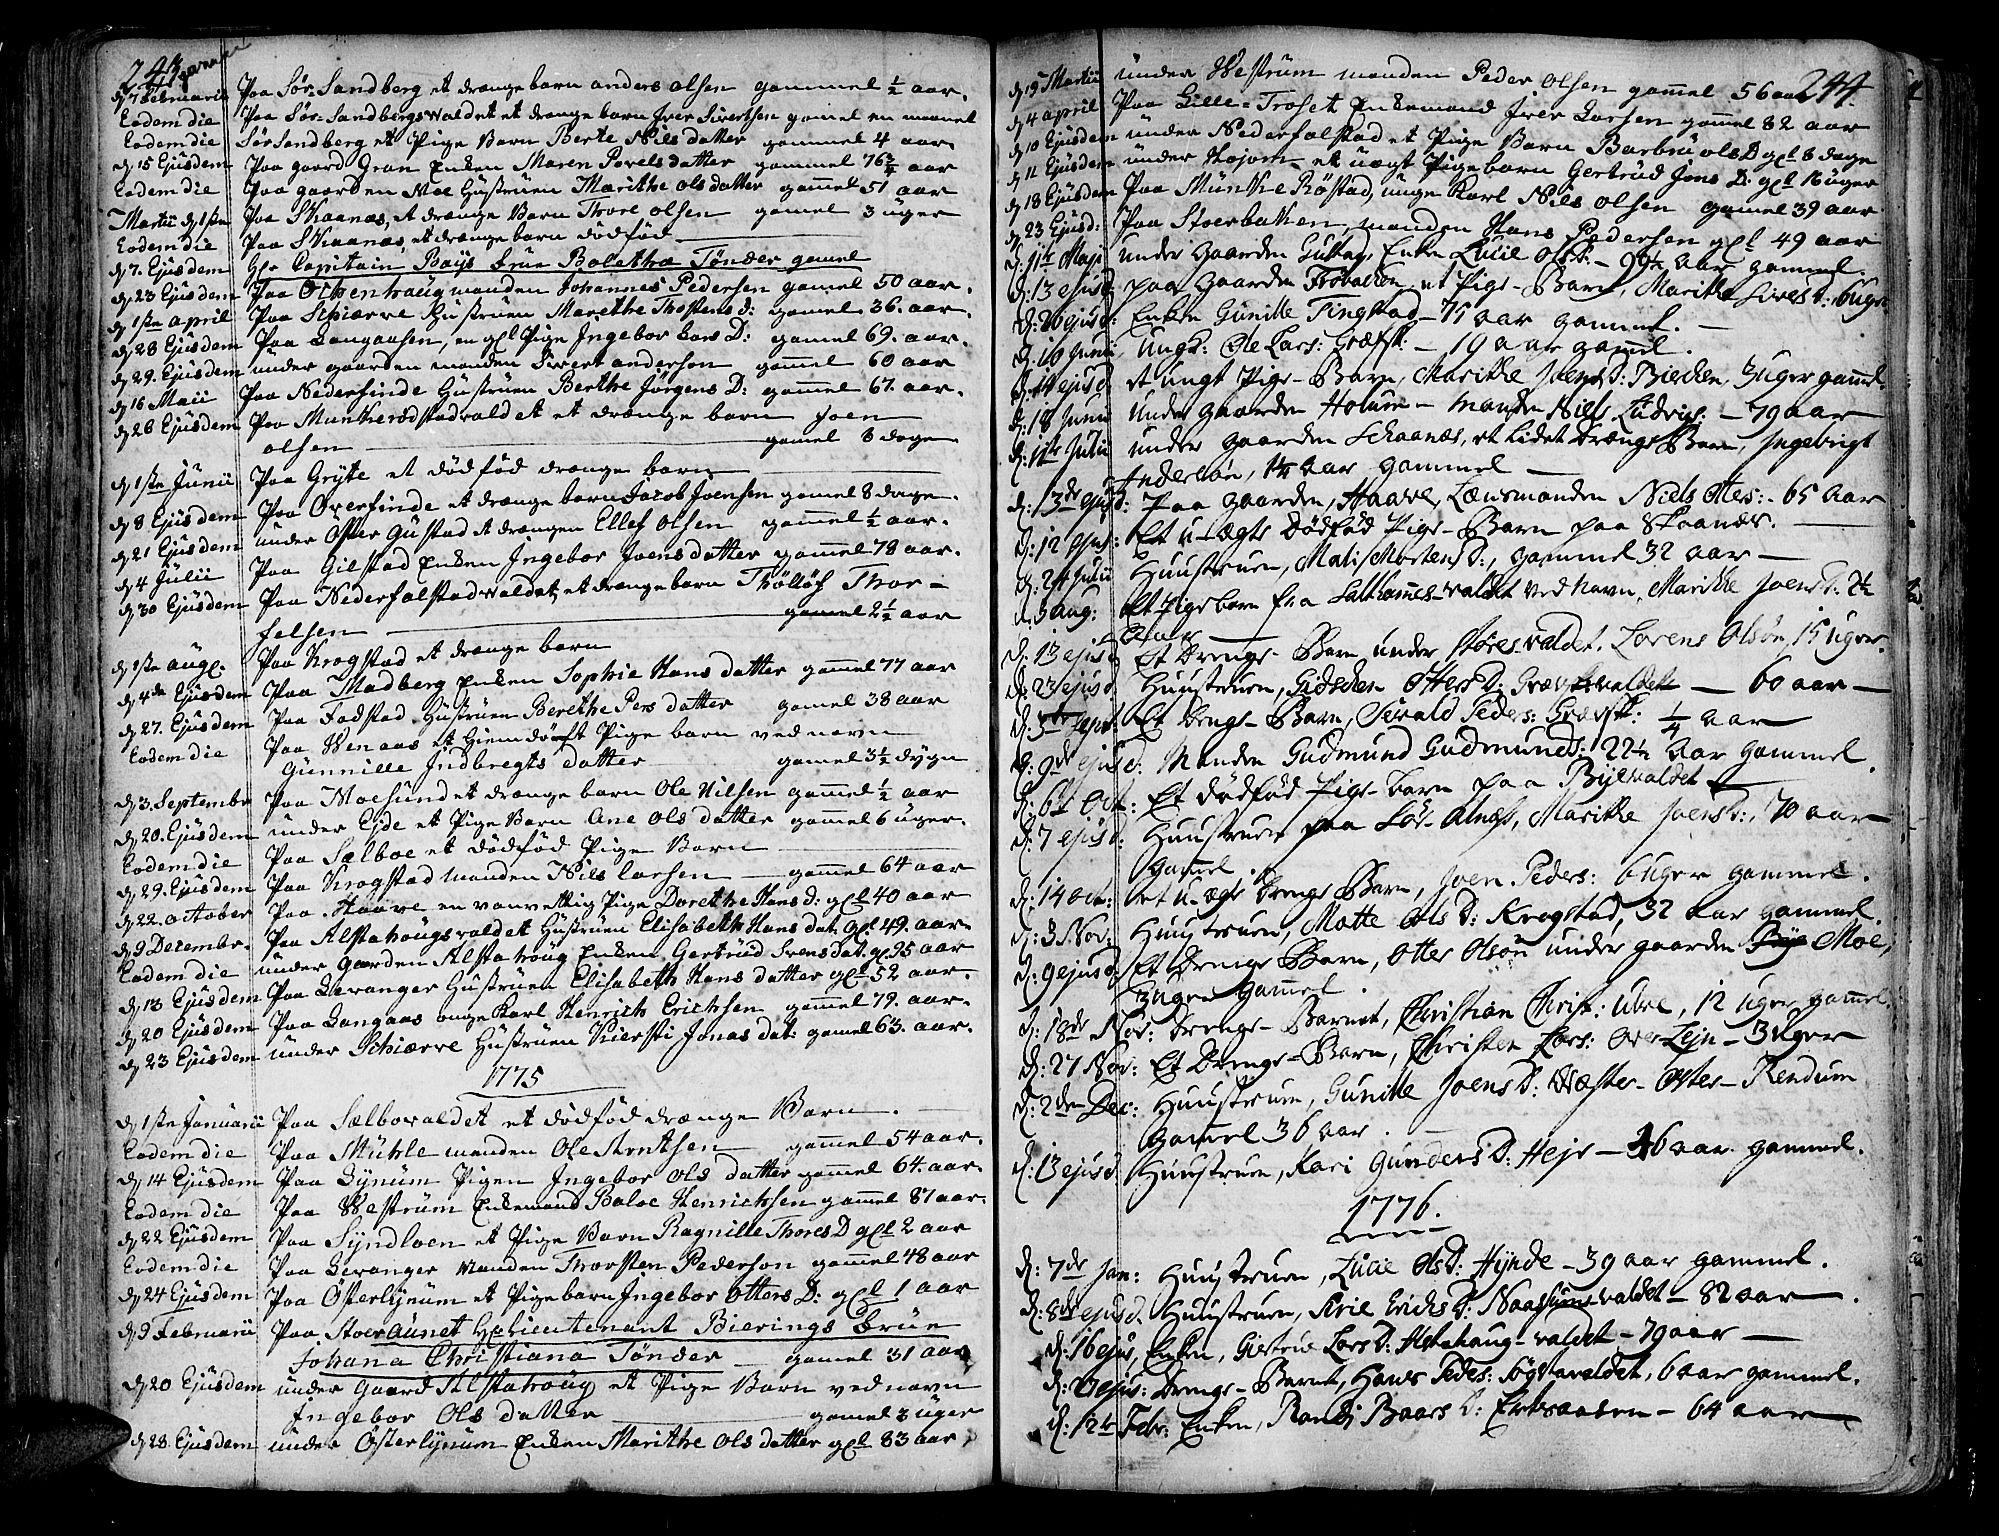 SAT, Ministerialprotokoller, klokkerbøker og fødselsregistre - Nord-Trøndelag, 717/L0141: Ministerialbok nr. 717A01, 1747-1803, s. 243-244